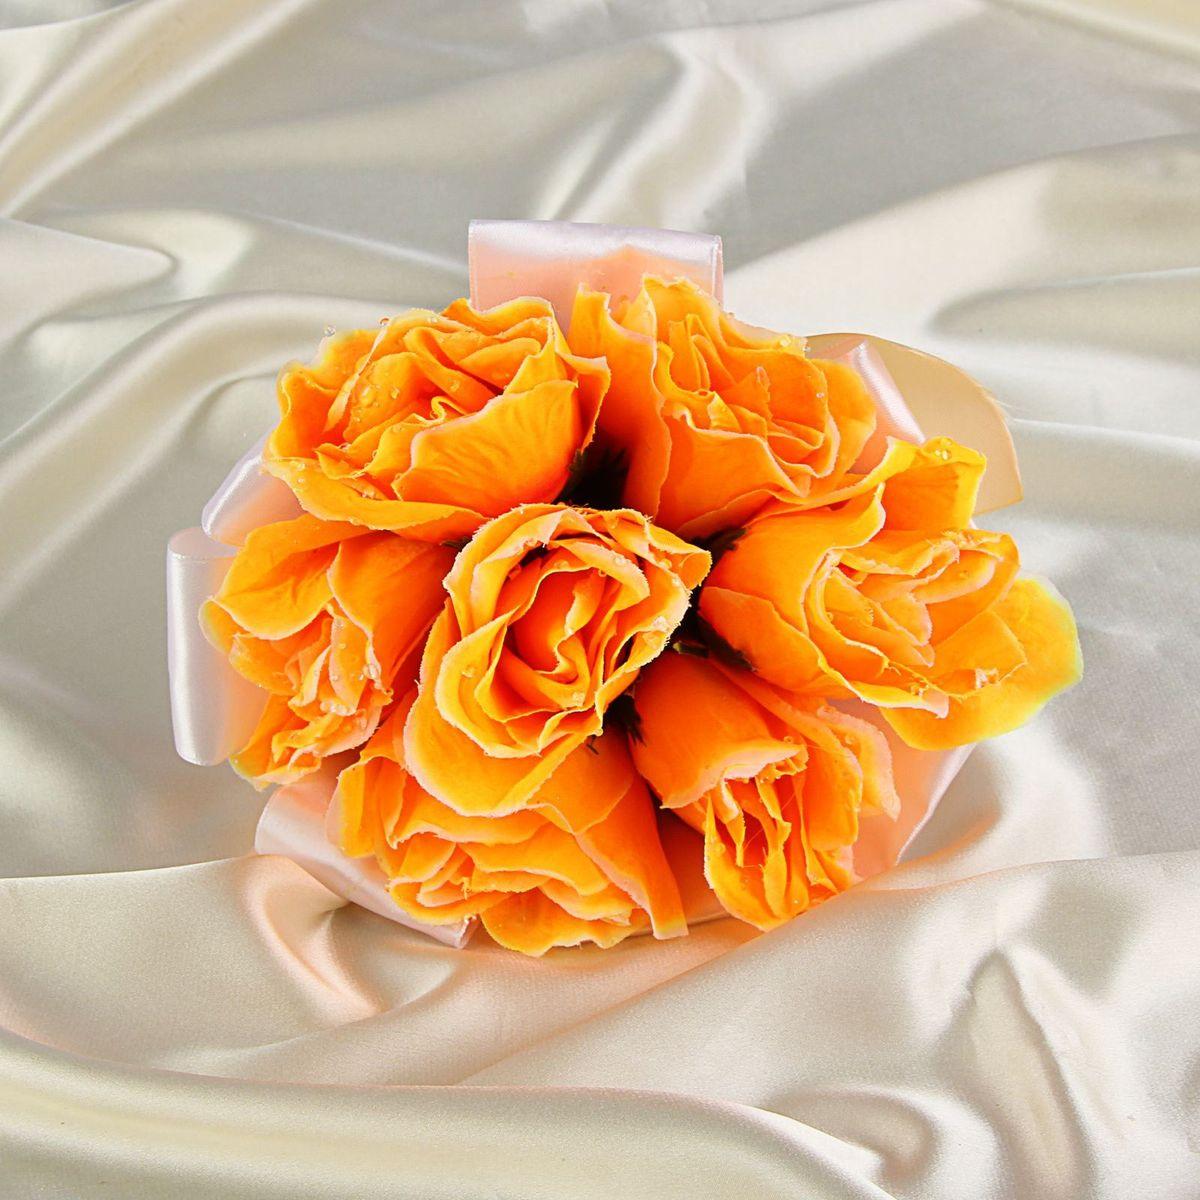 Sima-land Букет-дублер невесты, цвет: оранжевый. 12511741251174Современные невесты используют букеты из искусственных материалов, потому что они легче, дешевле и не рассыпаются в полете. Ведь для многих незамужних подружек поймать букет на свадьбе — шанс осуществления заветной мечты. Кроме свадебной тематики изделие используют для фотосессий, так как оно не утрачивает праздничный вид даже в непогоду, и как элемент украшения интерьера. Многие рестораны и отели на выставках и праздниках предпочитают использовать украшения из неувядающих цветов. Оригинальный букет будет в центре внимания на торжественном событии и оставит самые яркие впечатления.